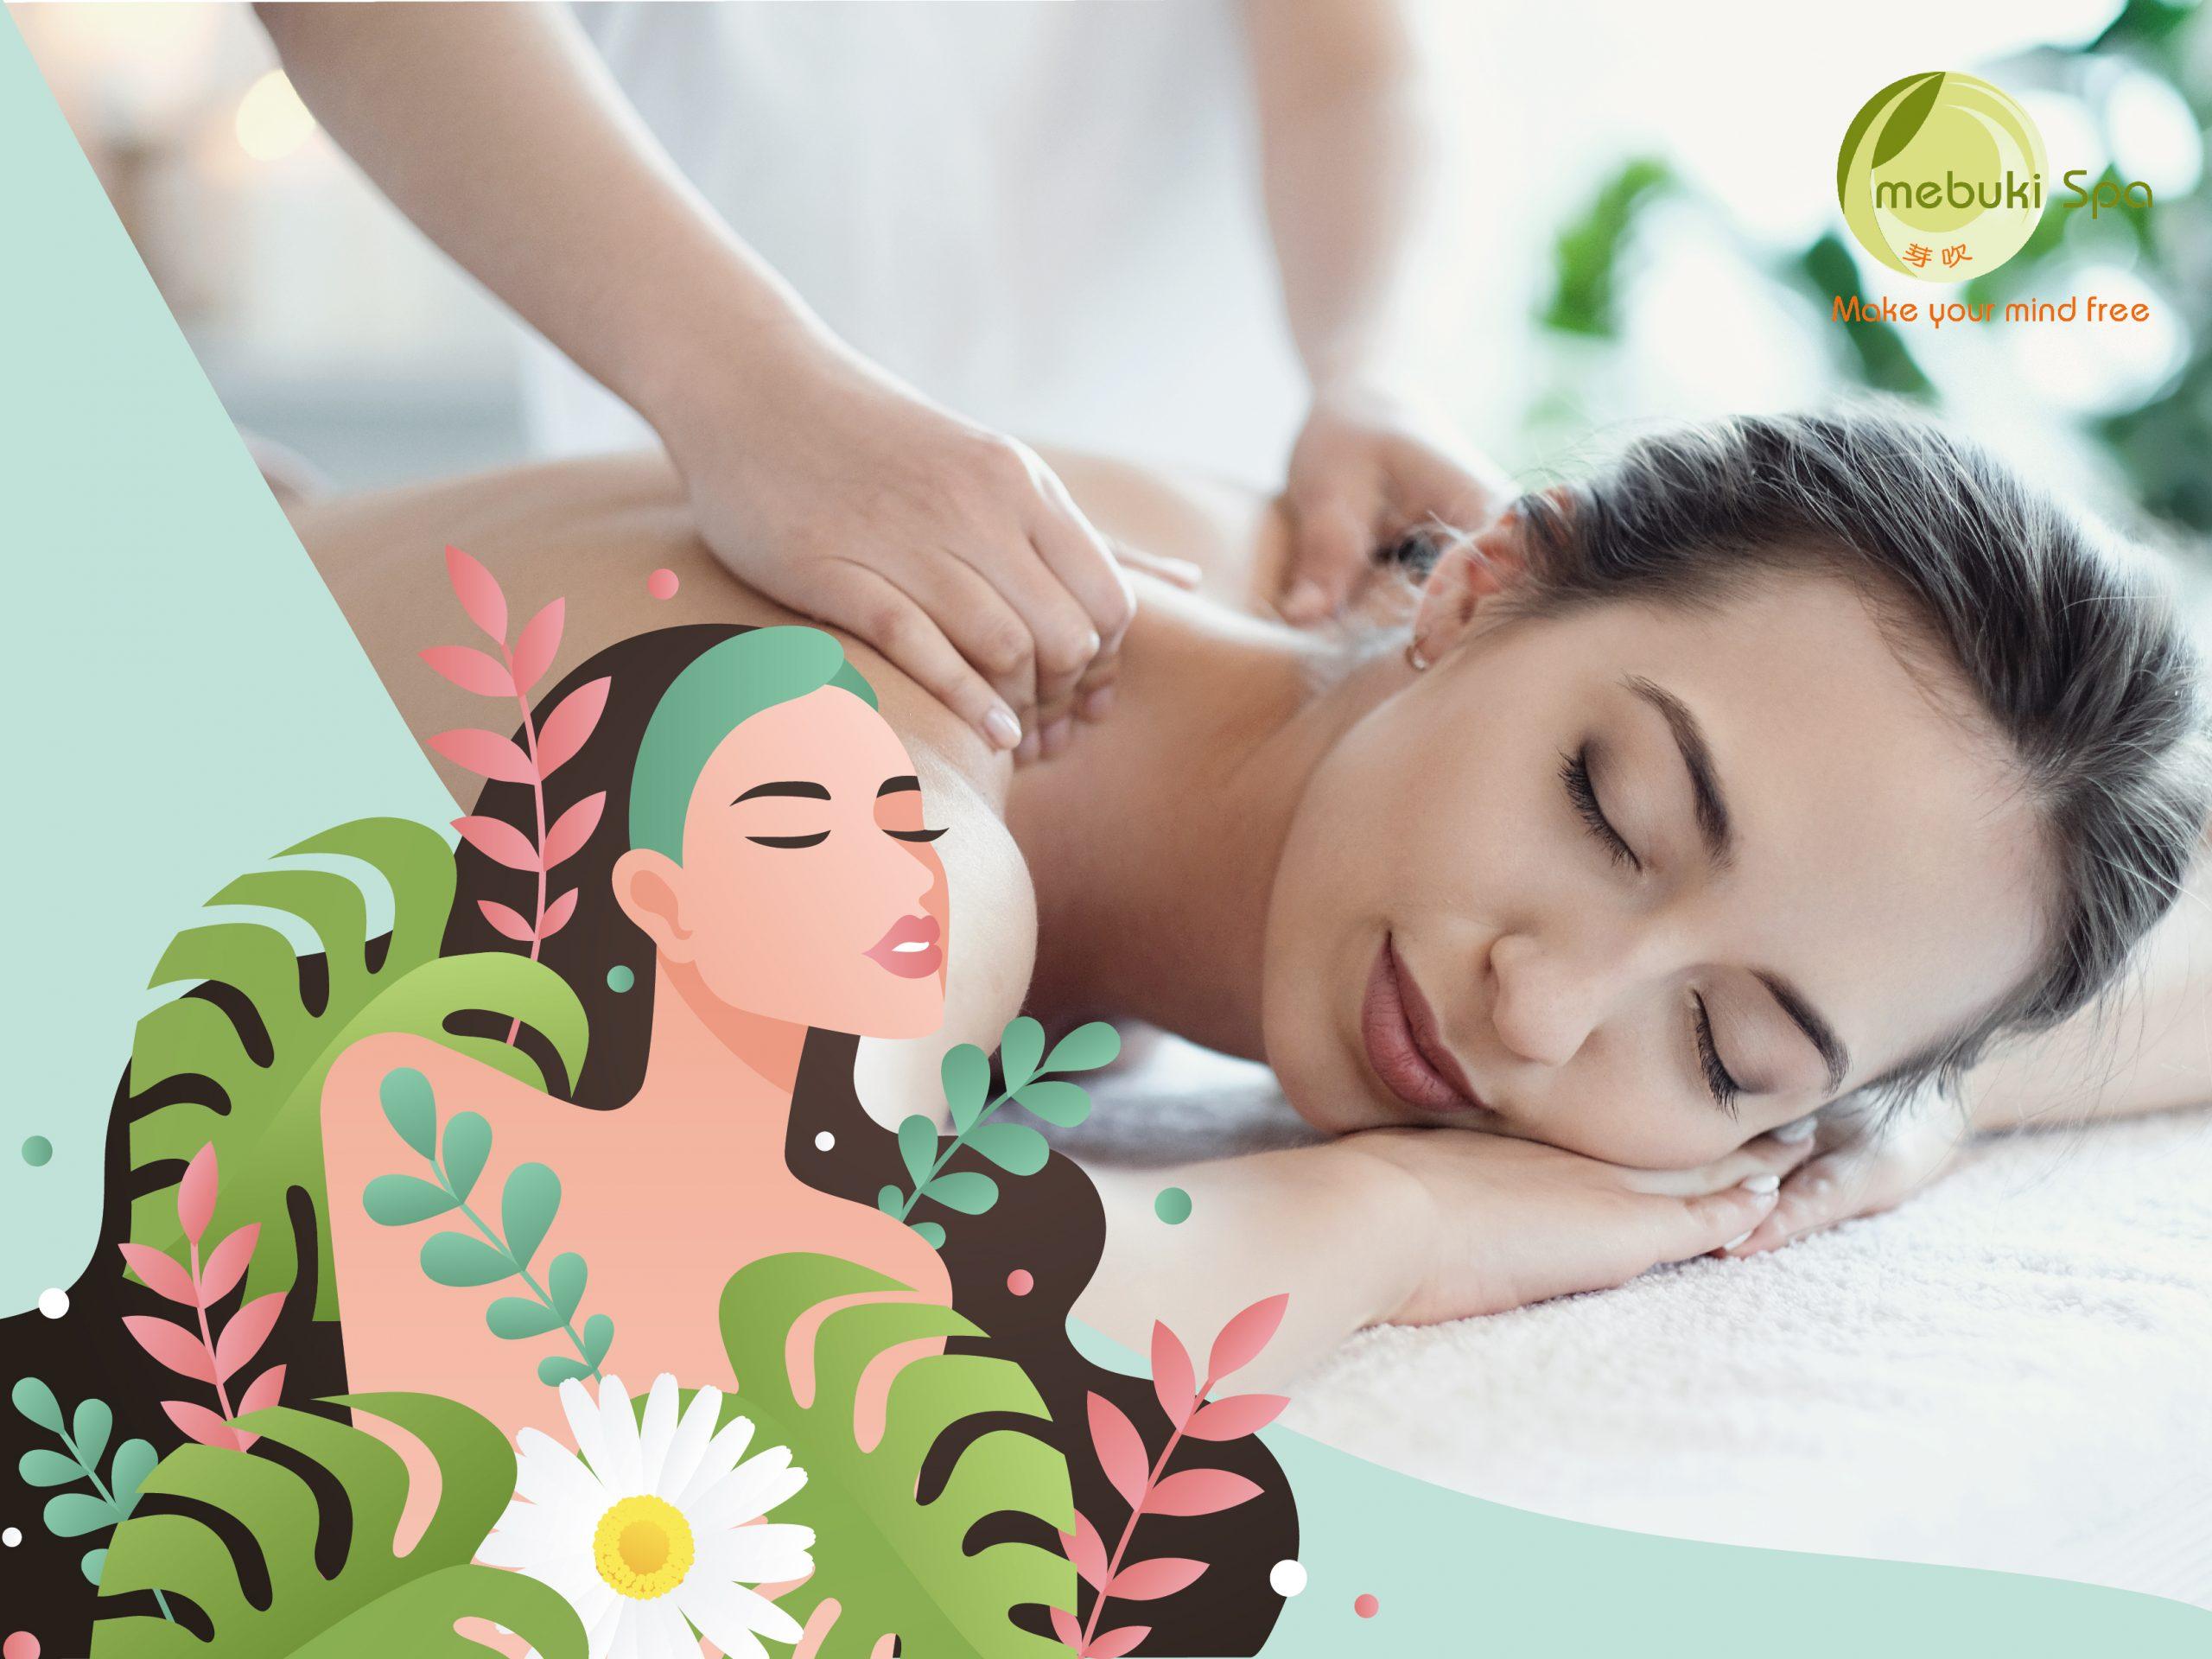 Massage theo phong cách Mebuki 90 phút